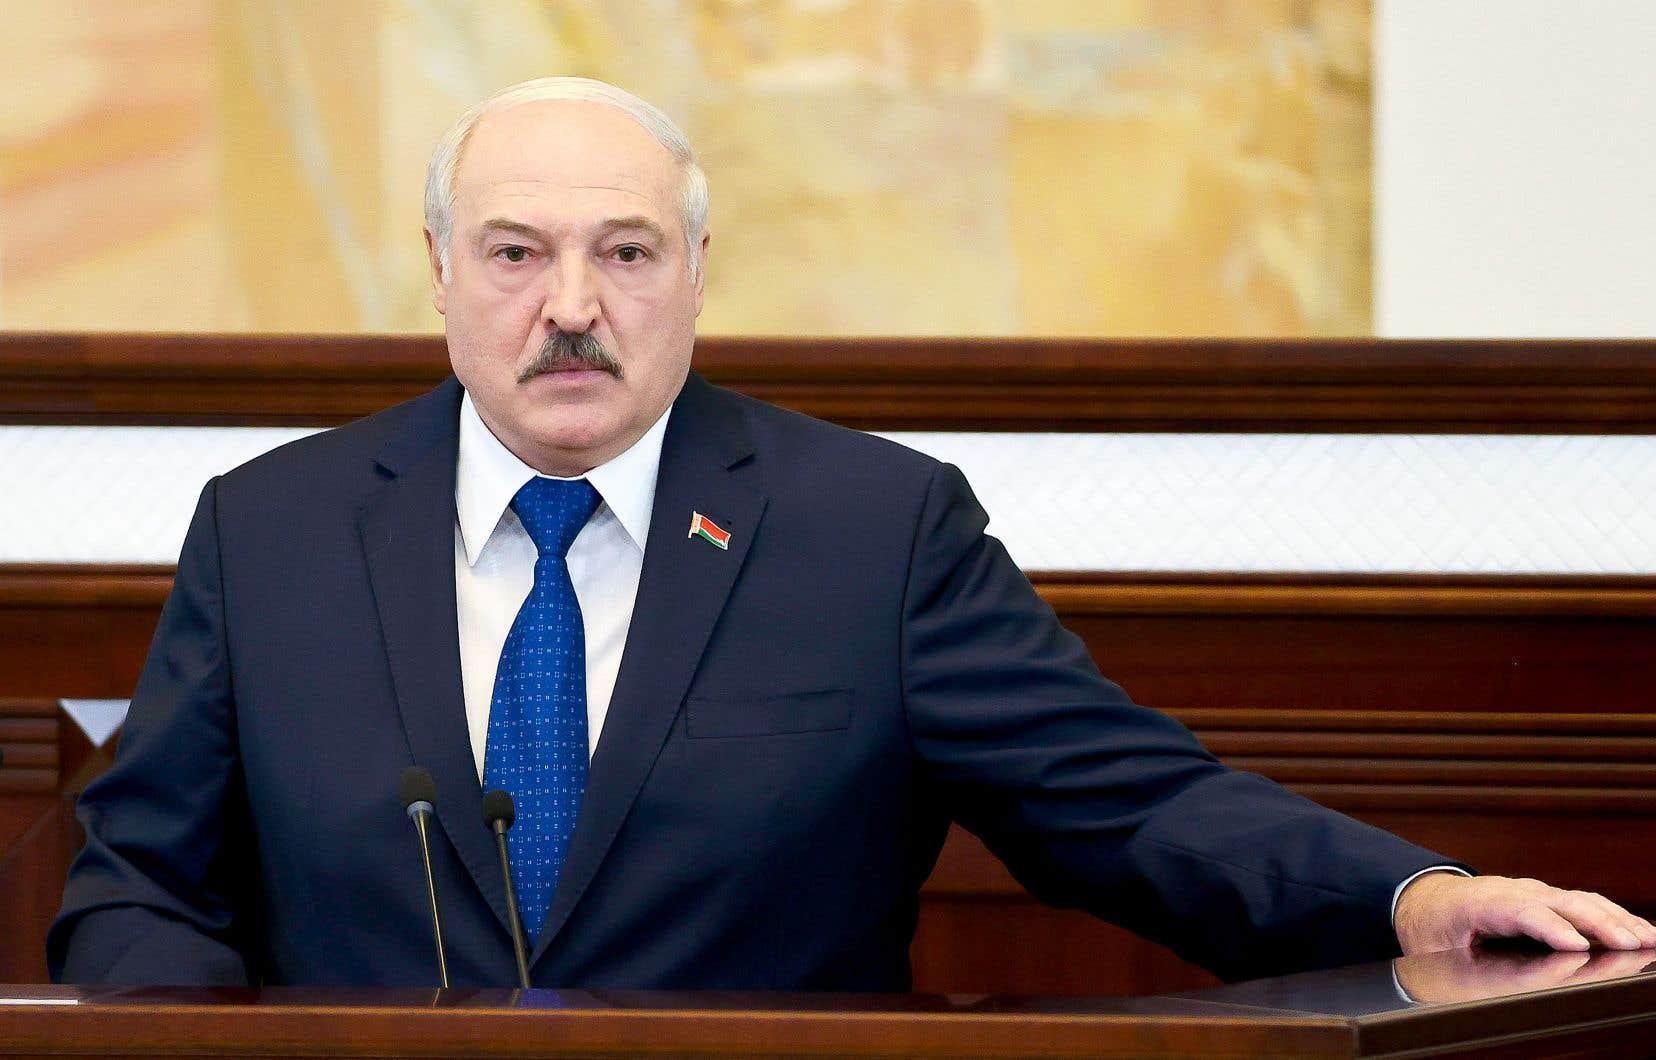 Mercredi, le président biolérusse Alexandre Loukachenko a pris la parole pour la première fois depuis l'interception, dimanche, d'un vol Athènes-Vilnius de la compagnie Ryanair, sous prétexte d'une alerte à la bombe.